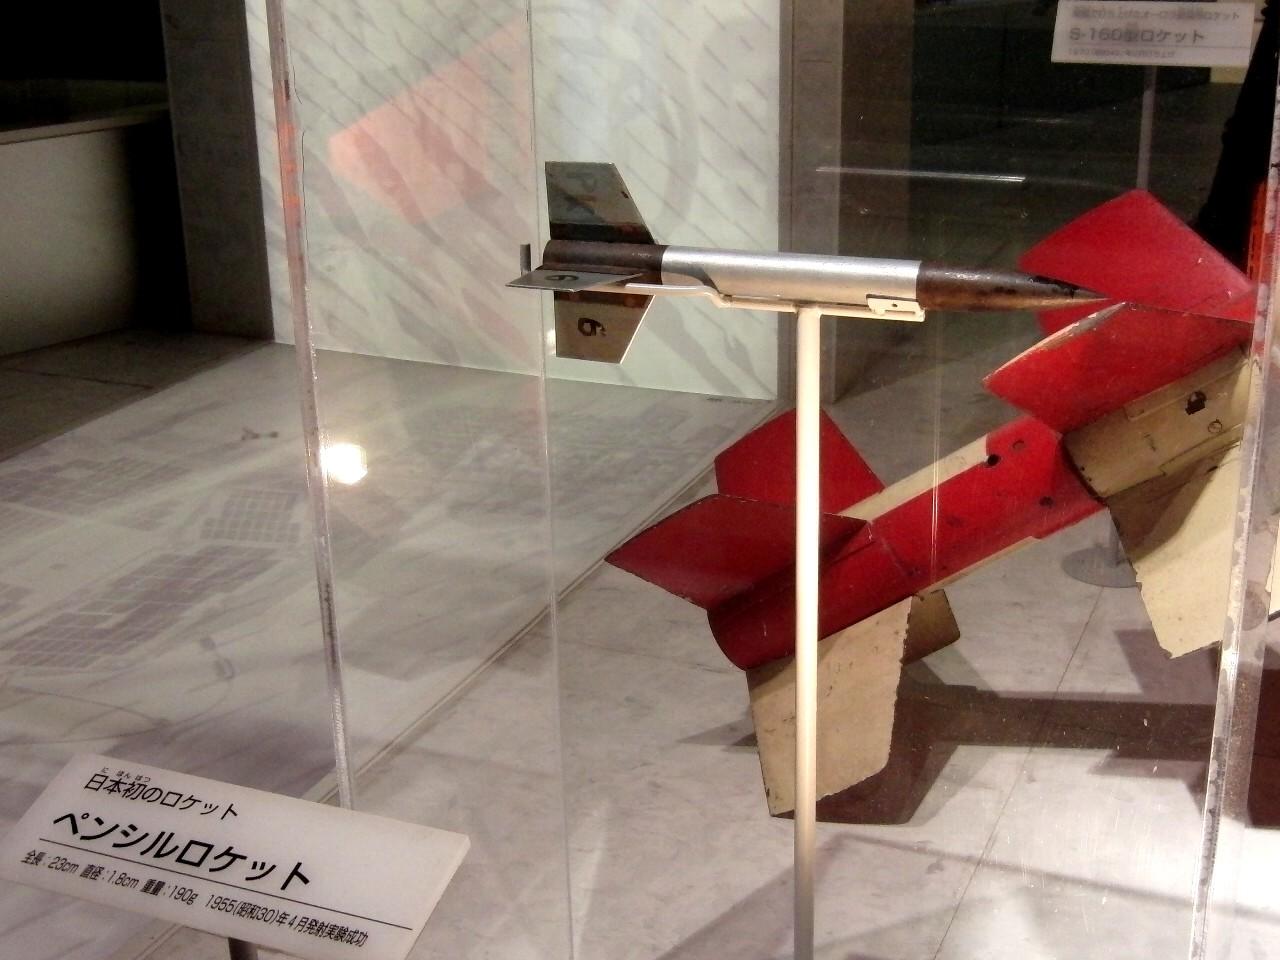 ペンシルロケット(国立科学博物館の展示)